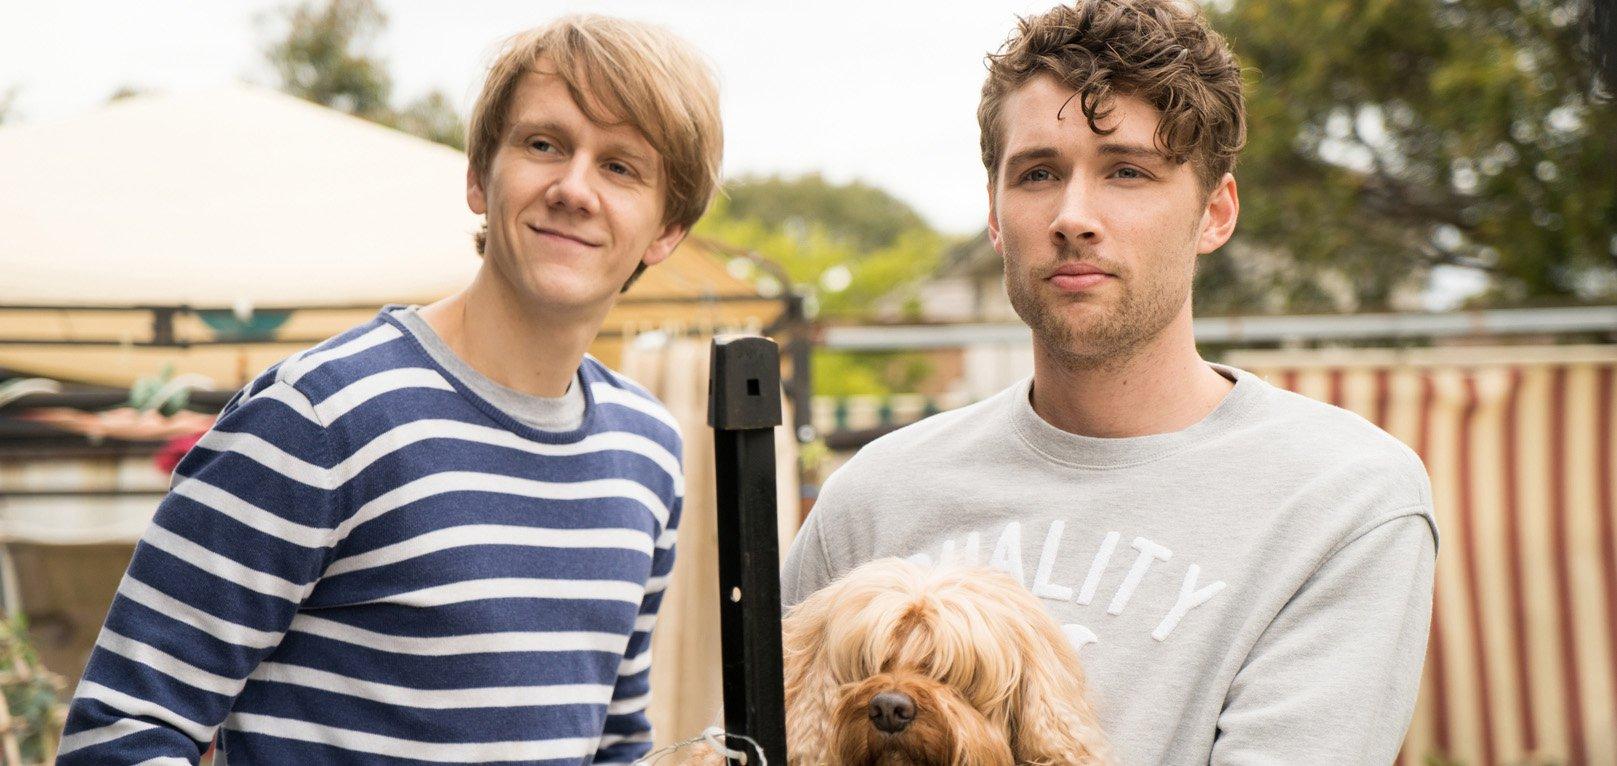 Josh Thomas and Keegan Joyce in 'Please Like Me'. Image credit: Ben Timony